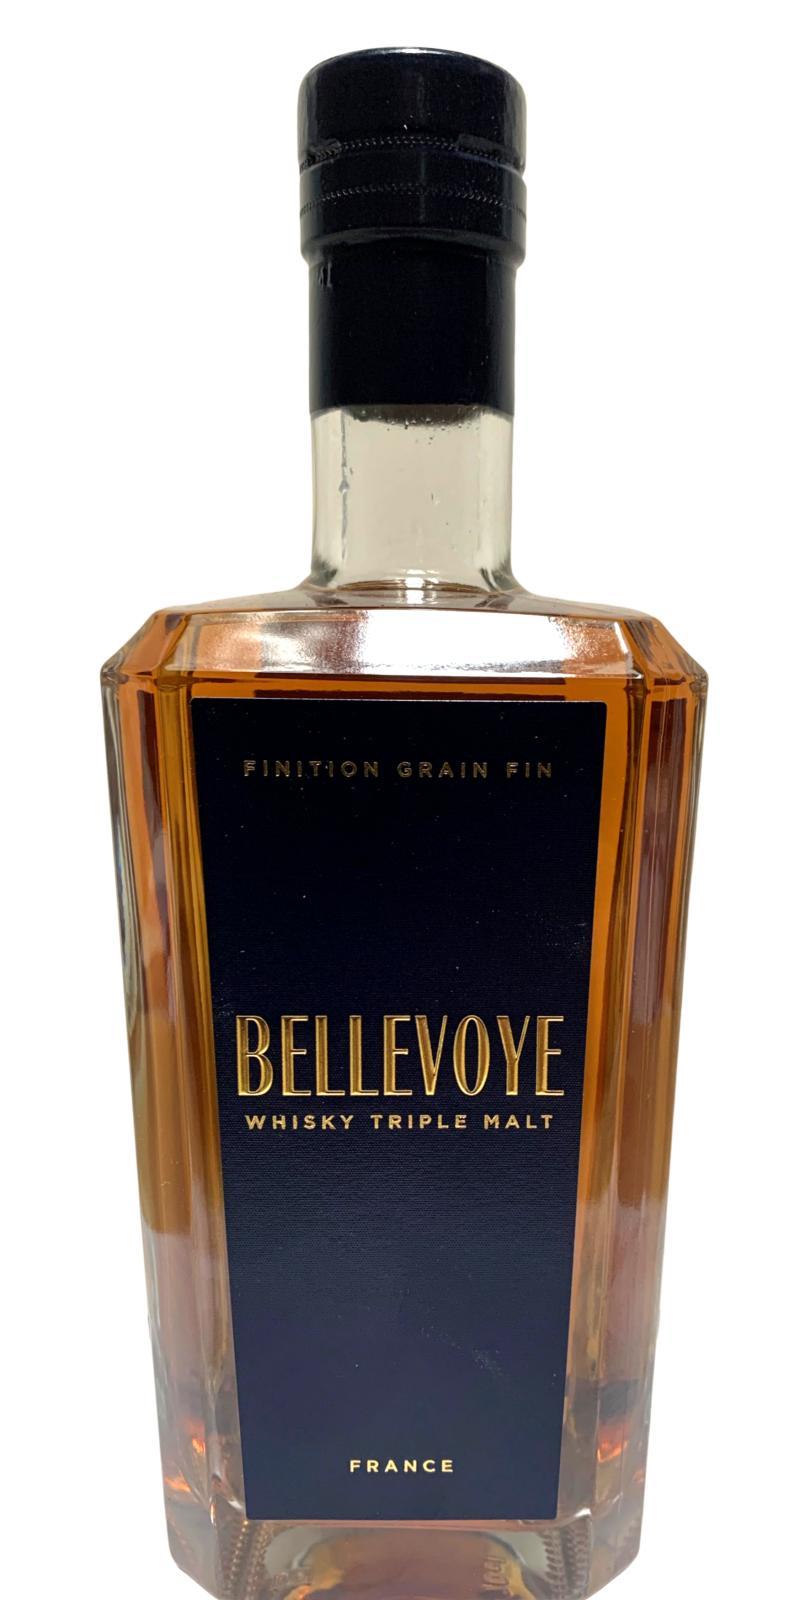 Bellevoye Whisky Triple Malt